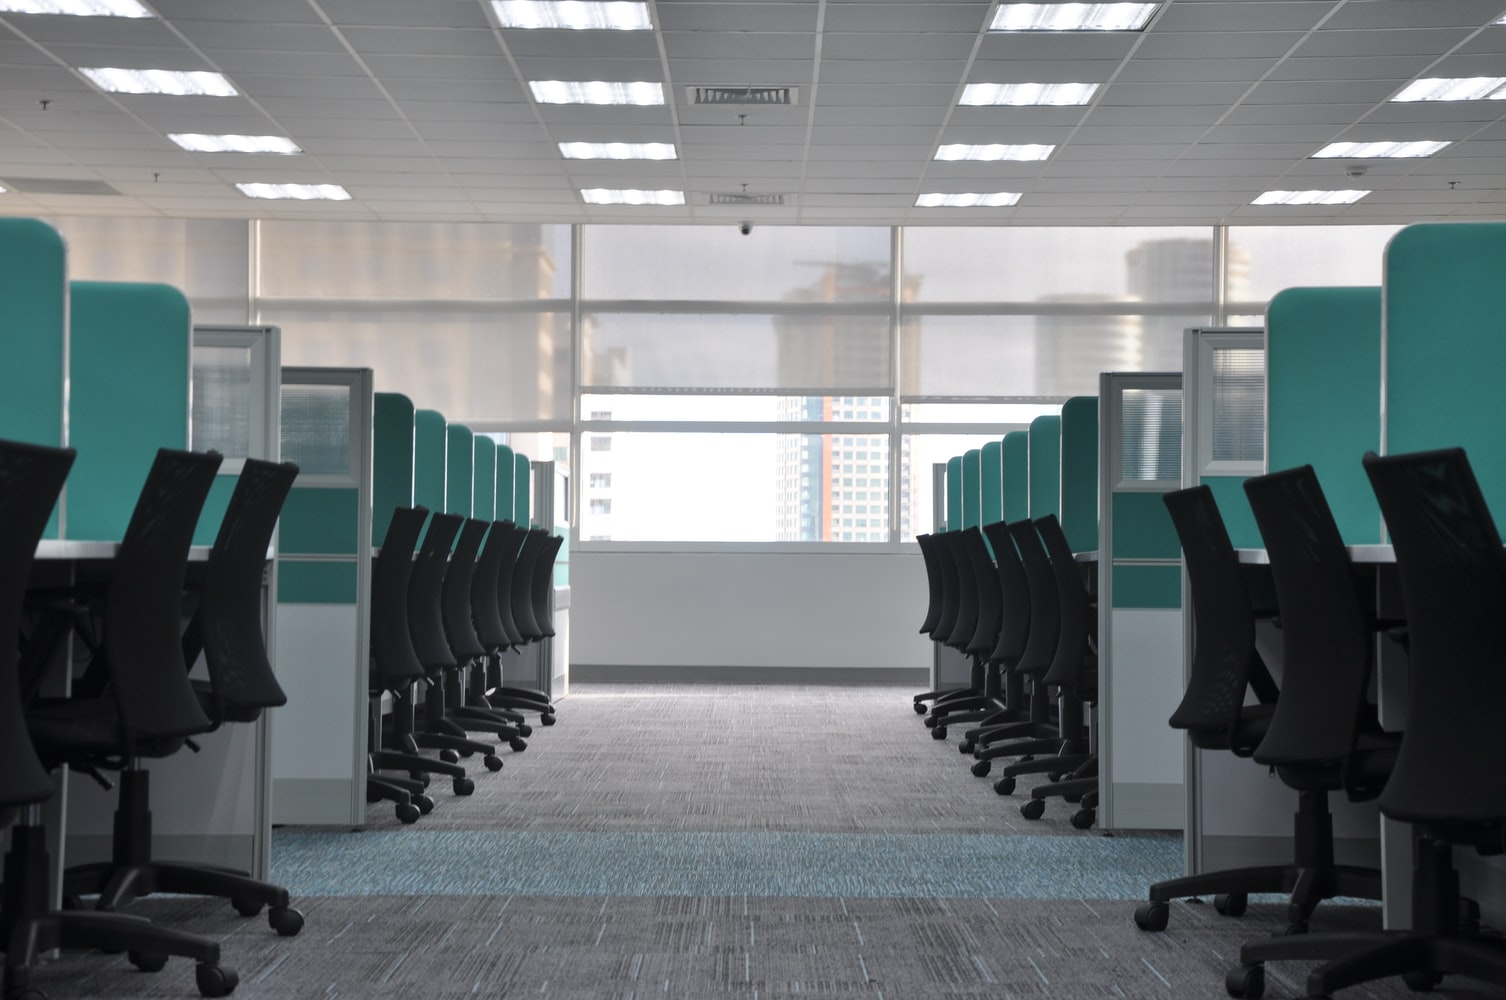 Środki ostrożności w biurze podczas epidemii koronawirusa